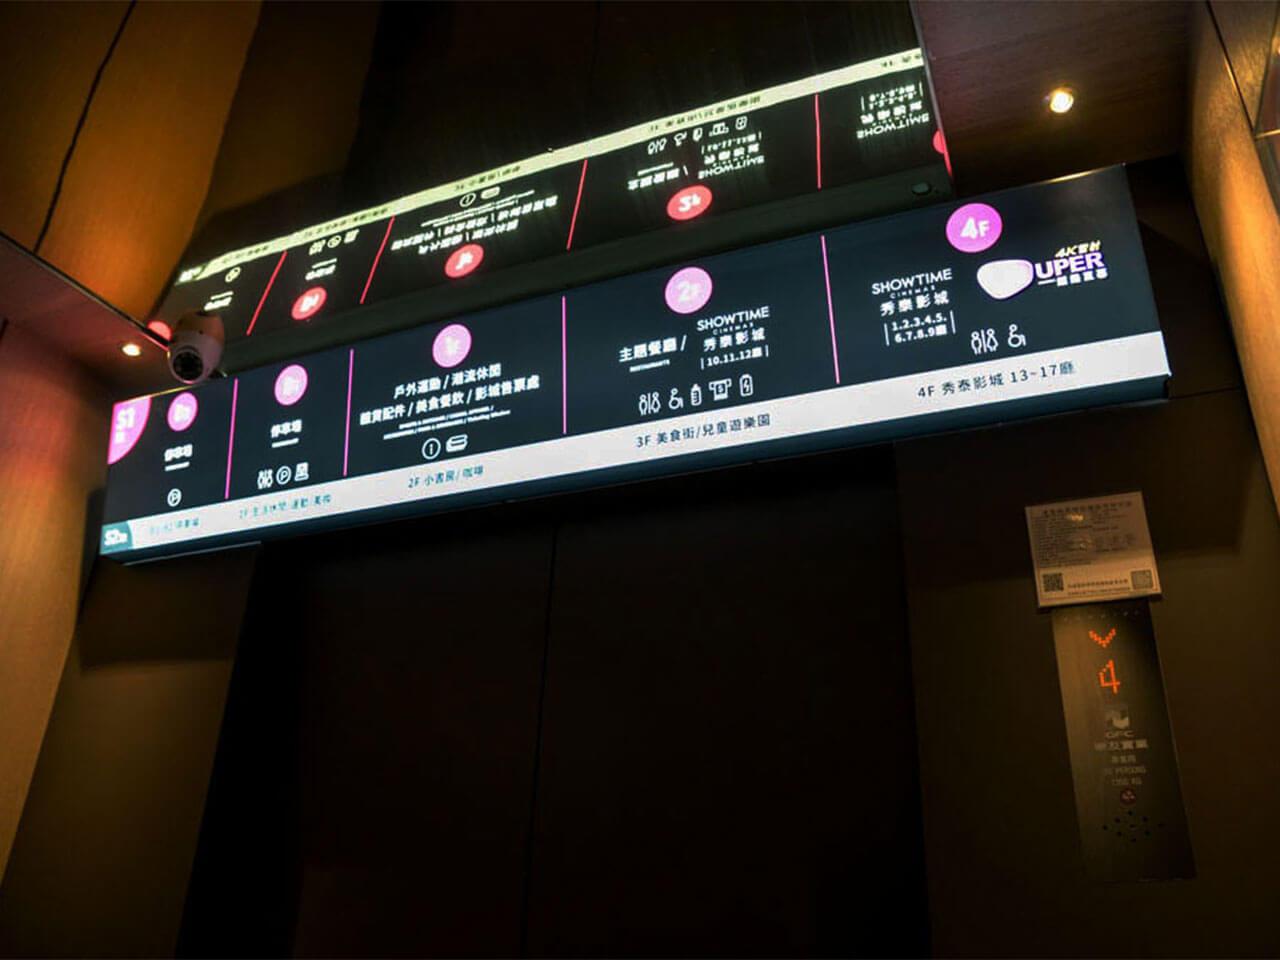 電影院專業指示牌製作